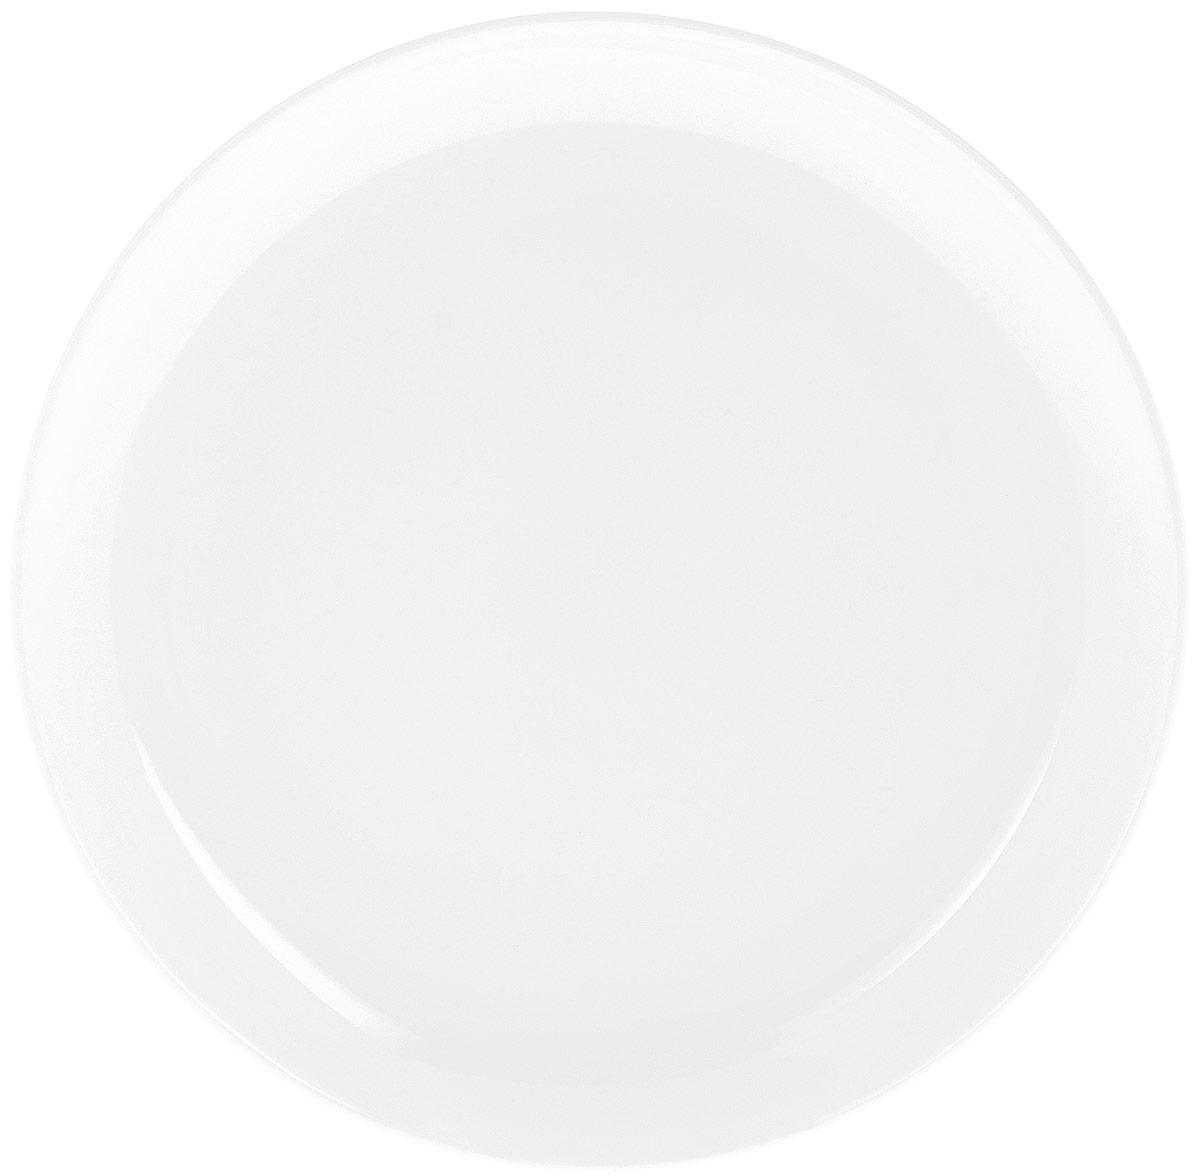 Тарелка десертная Wilmax, диаметр 20 см. WL-991013 / AWL-991013 / AТарелка десертная Wilmax изготовлена из высококачественного фарфора. Материал легкий, тонкий, свет без труда проникает сквозь изделие. Тарелка имеет роскошную белизну, гладкость и блеск достигаются за счет особой рецептуры глазури. Изделие обладает низкой водопоглощаемостью, высокой термостойкостью и ударопрочностью, а также экологичностью. Посуда долговечна и рассчитана на постоянное интенсивное использование. Гладкая непористая поверхность исключает проникновение бактерий, изделие не будет впитывать посторонние запахи и сохранит первоначальный цвет. Тарелка предназначена для подачи десертов, печенья, кусочков торта, конфет, фруктов. Она изысканно дополнит сервировку стола и подчеркнет ваш безупречный вкус. Можно мыть в посудомоечной машине и использовать в микроволновой печи.